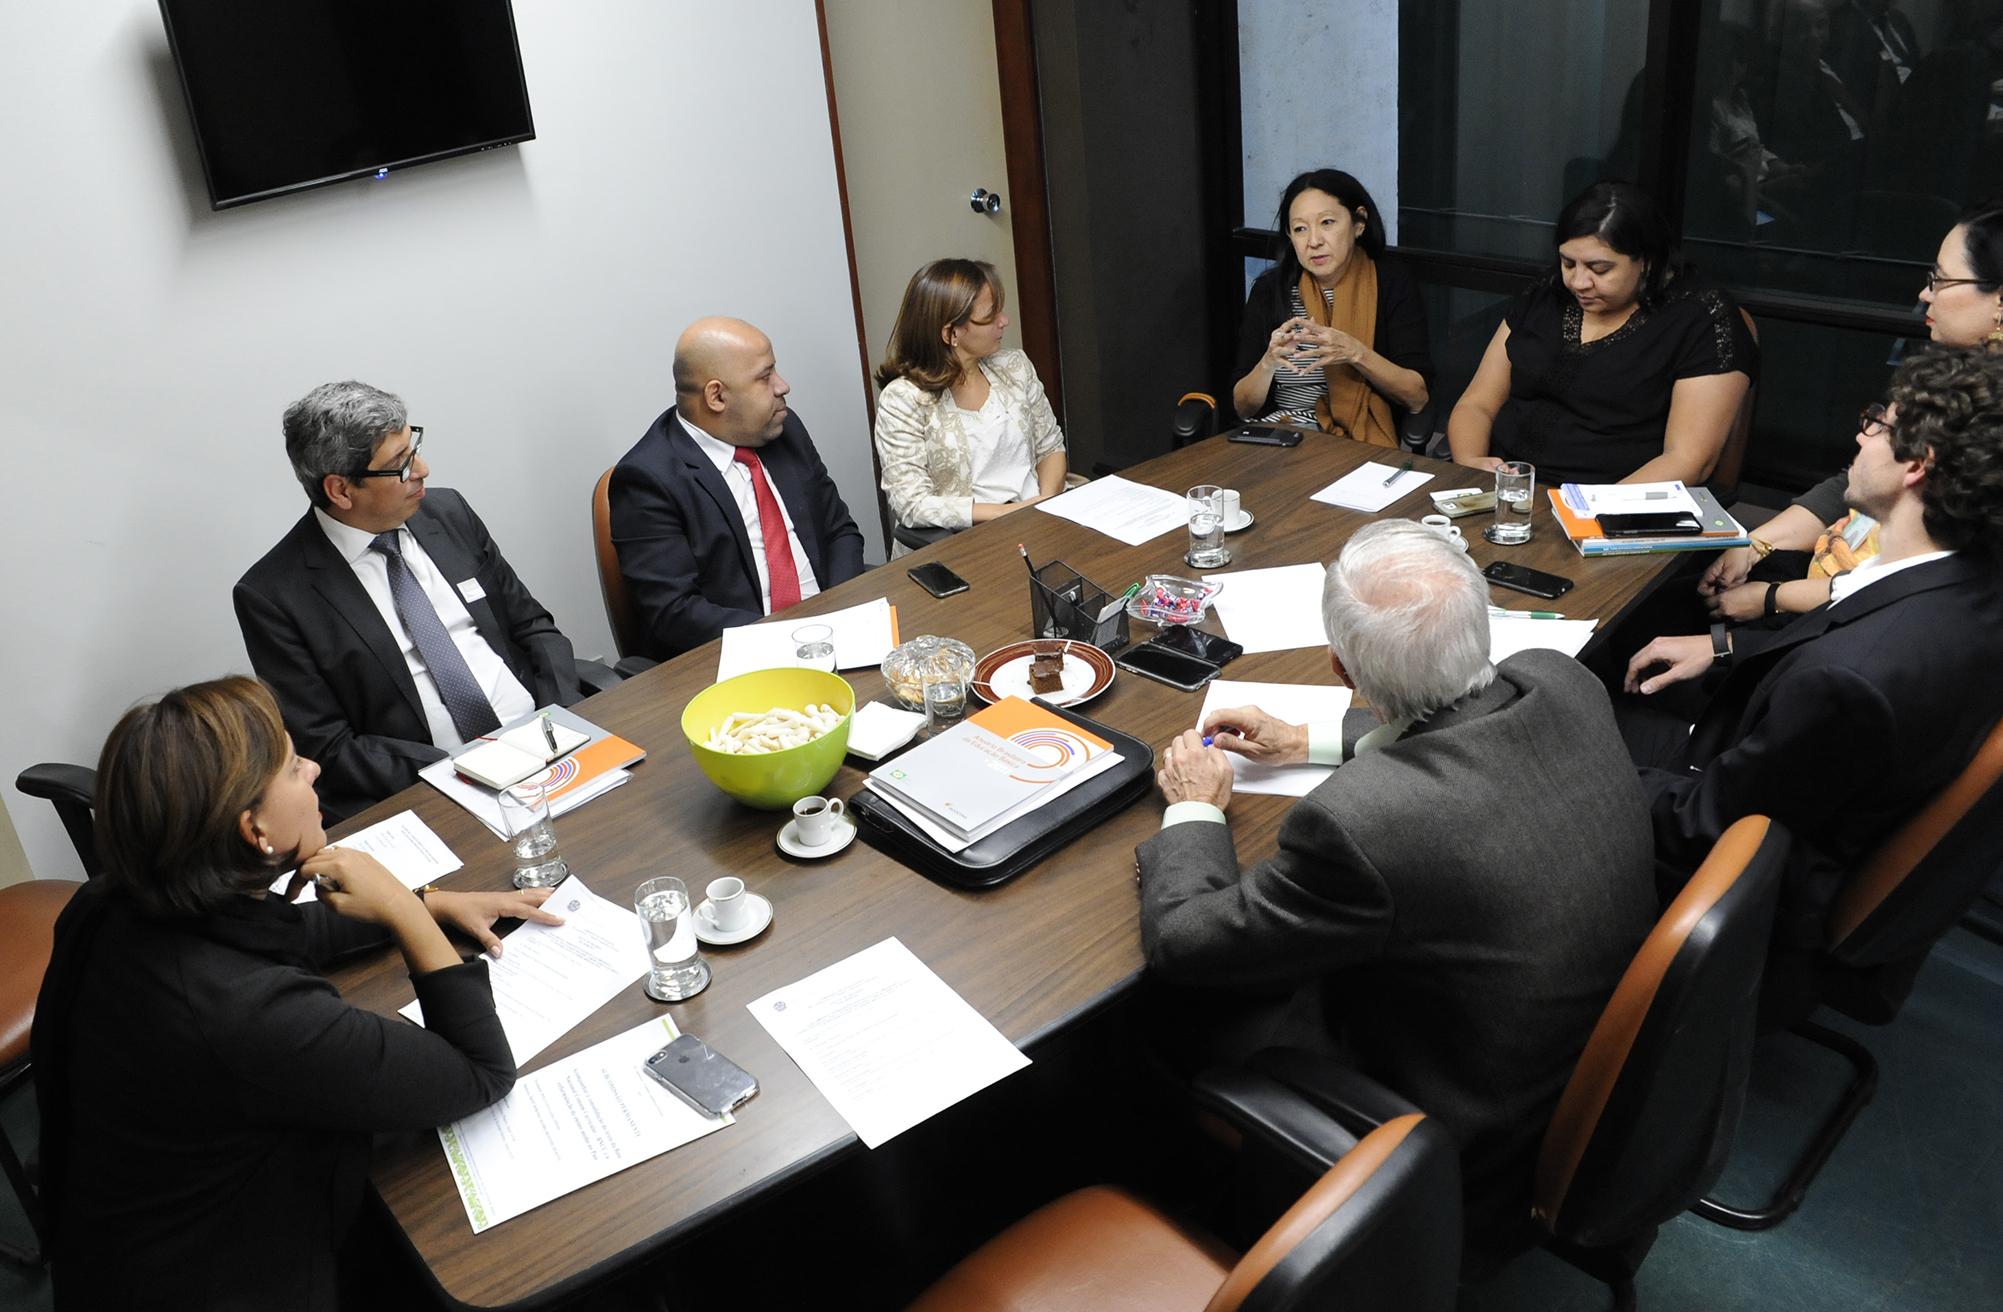 Subcomissão Permanente destinada a acompanhar a consolidação do texto da Base Nacional Comum Curricular (BNCC) e a Reformulação do Ensino Médio no País